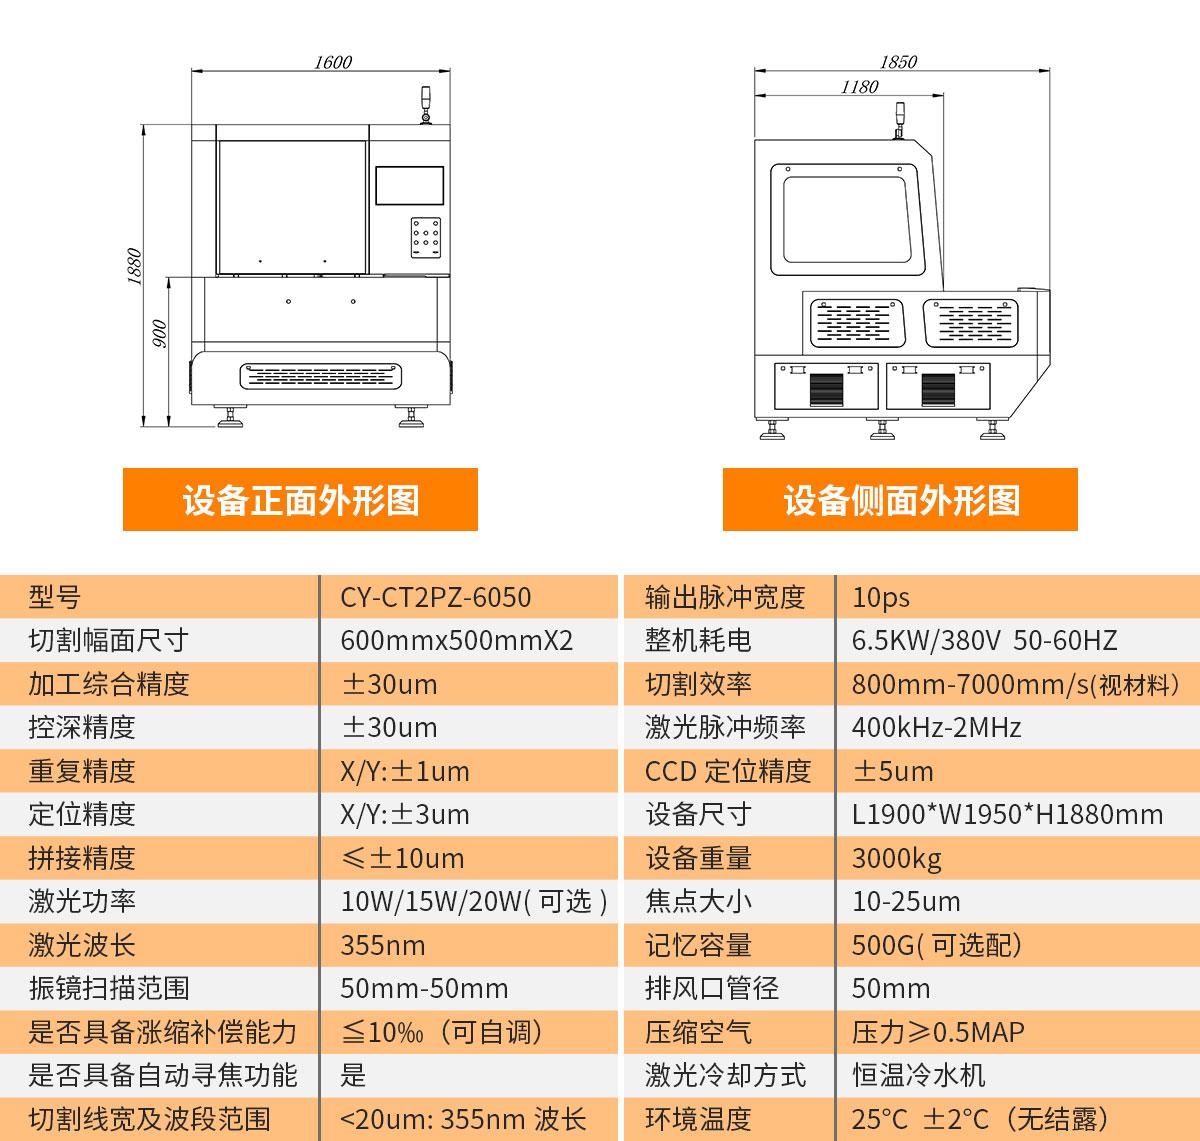 双工位FPC皮秒激光切割机-参数.jpg